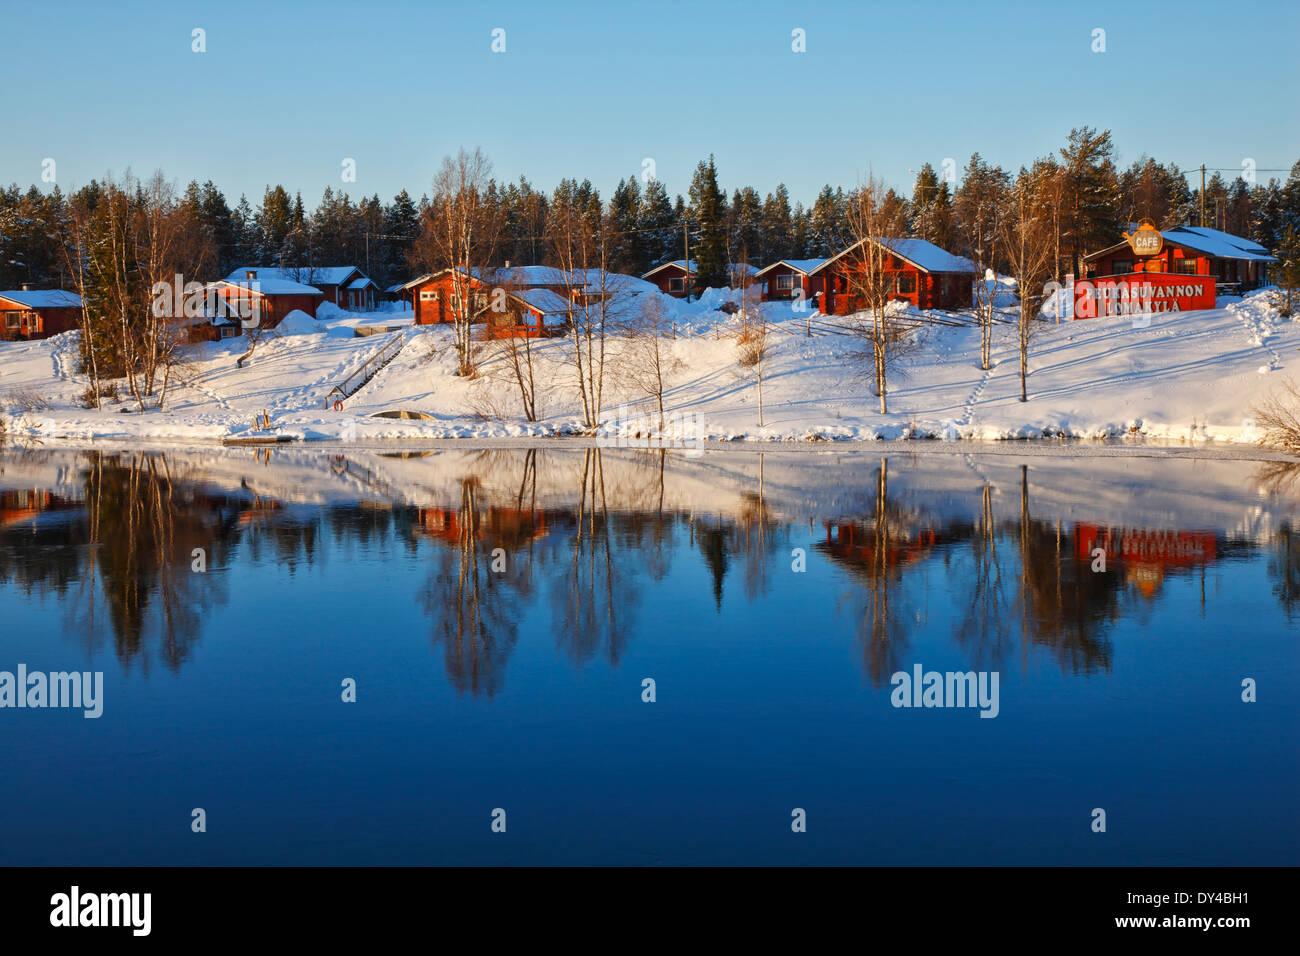 Finlandia, Laponia Peurasuvannon Lomakylä - Holiday Village Imagen De Stock